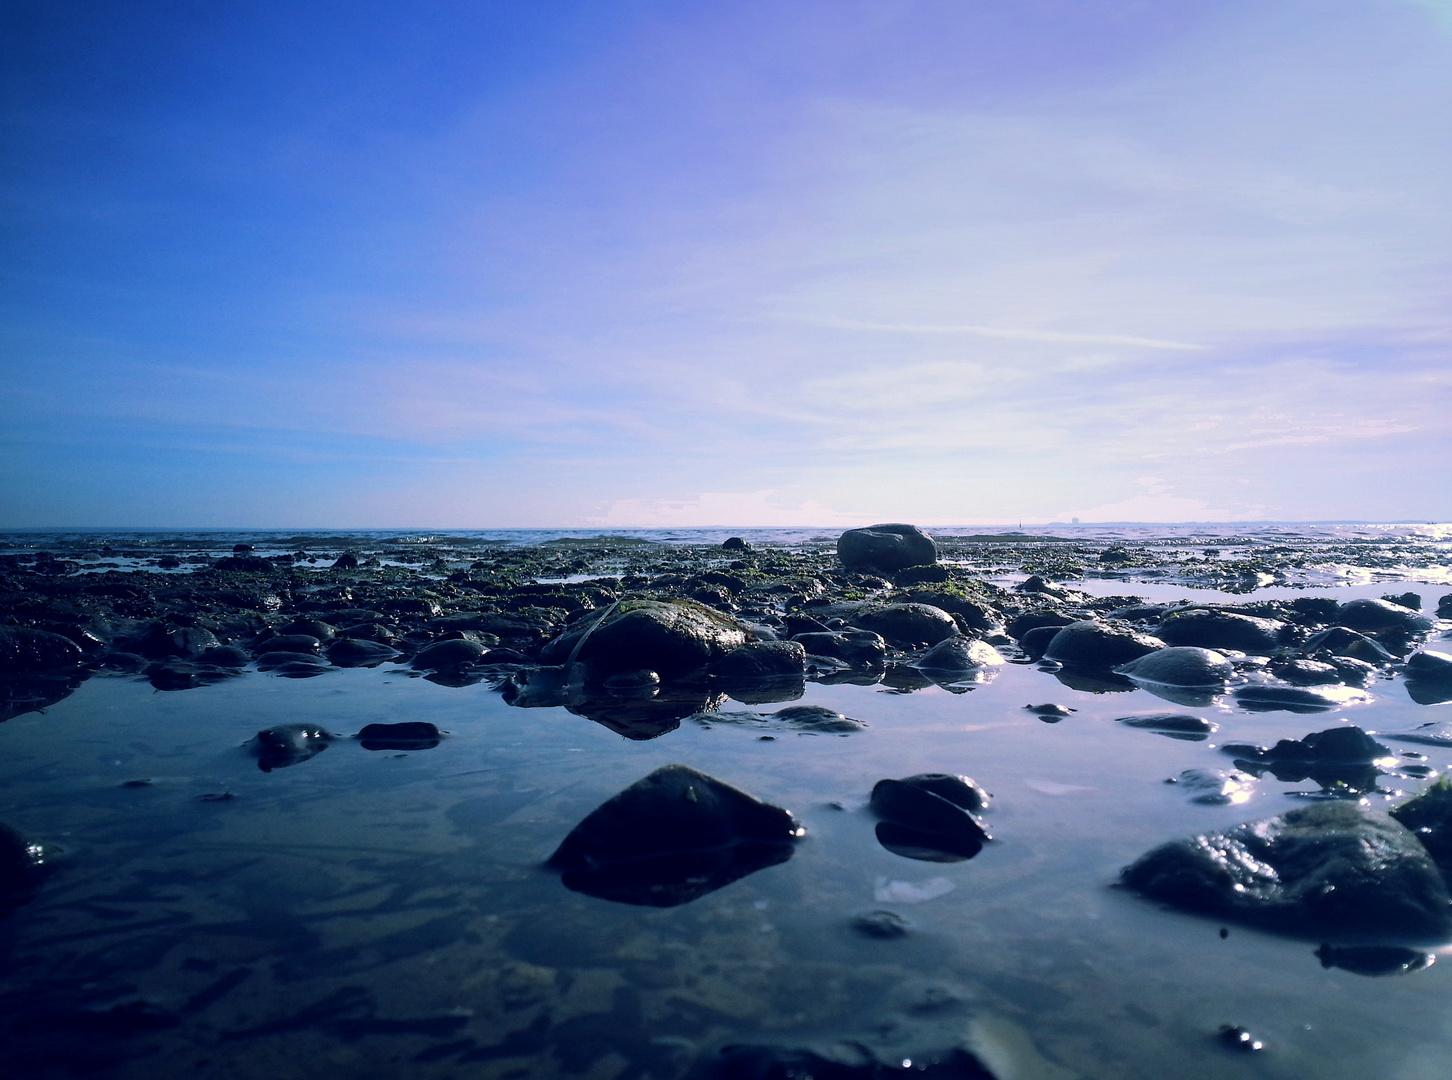 Das Steinmeer am Meer